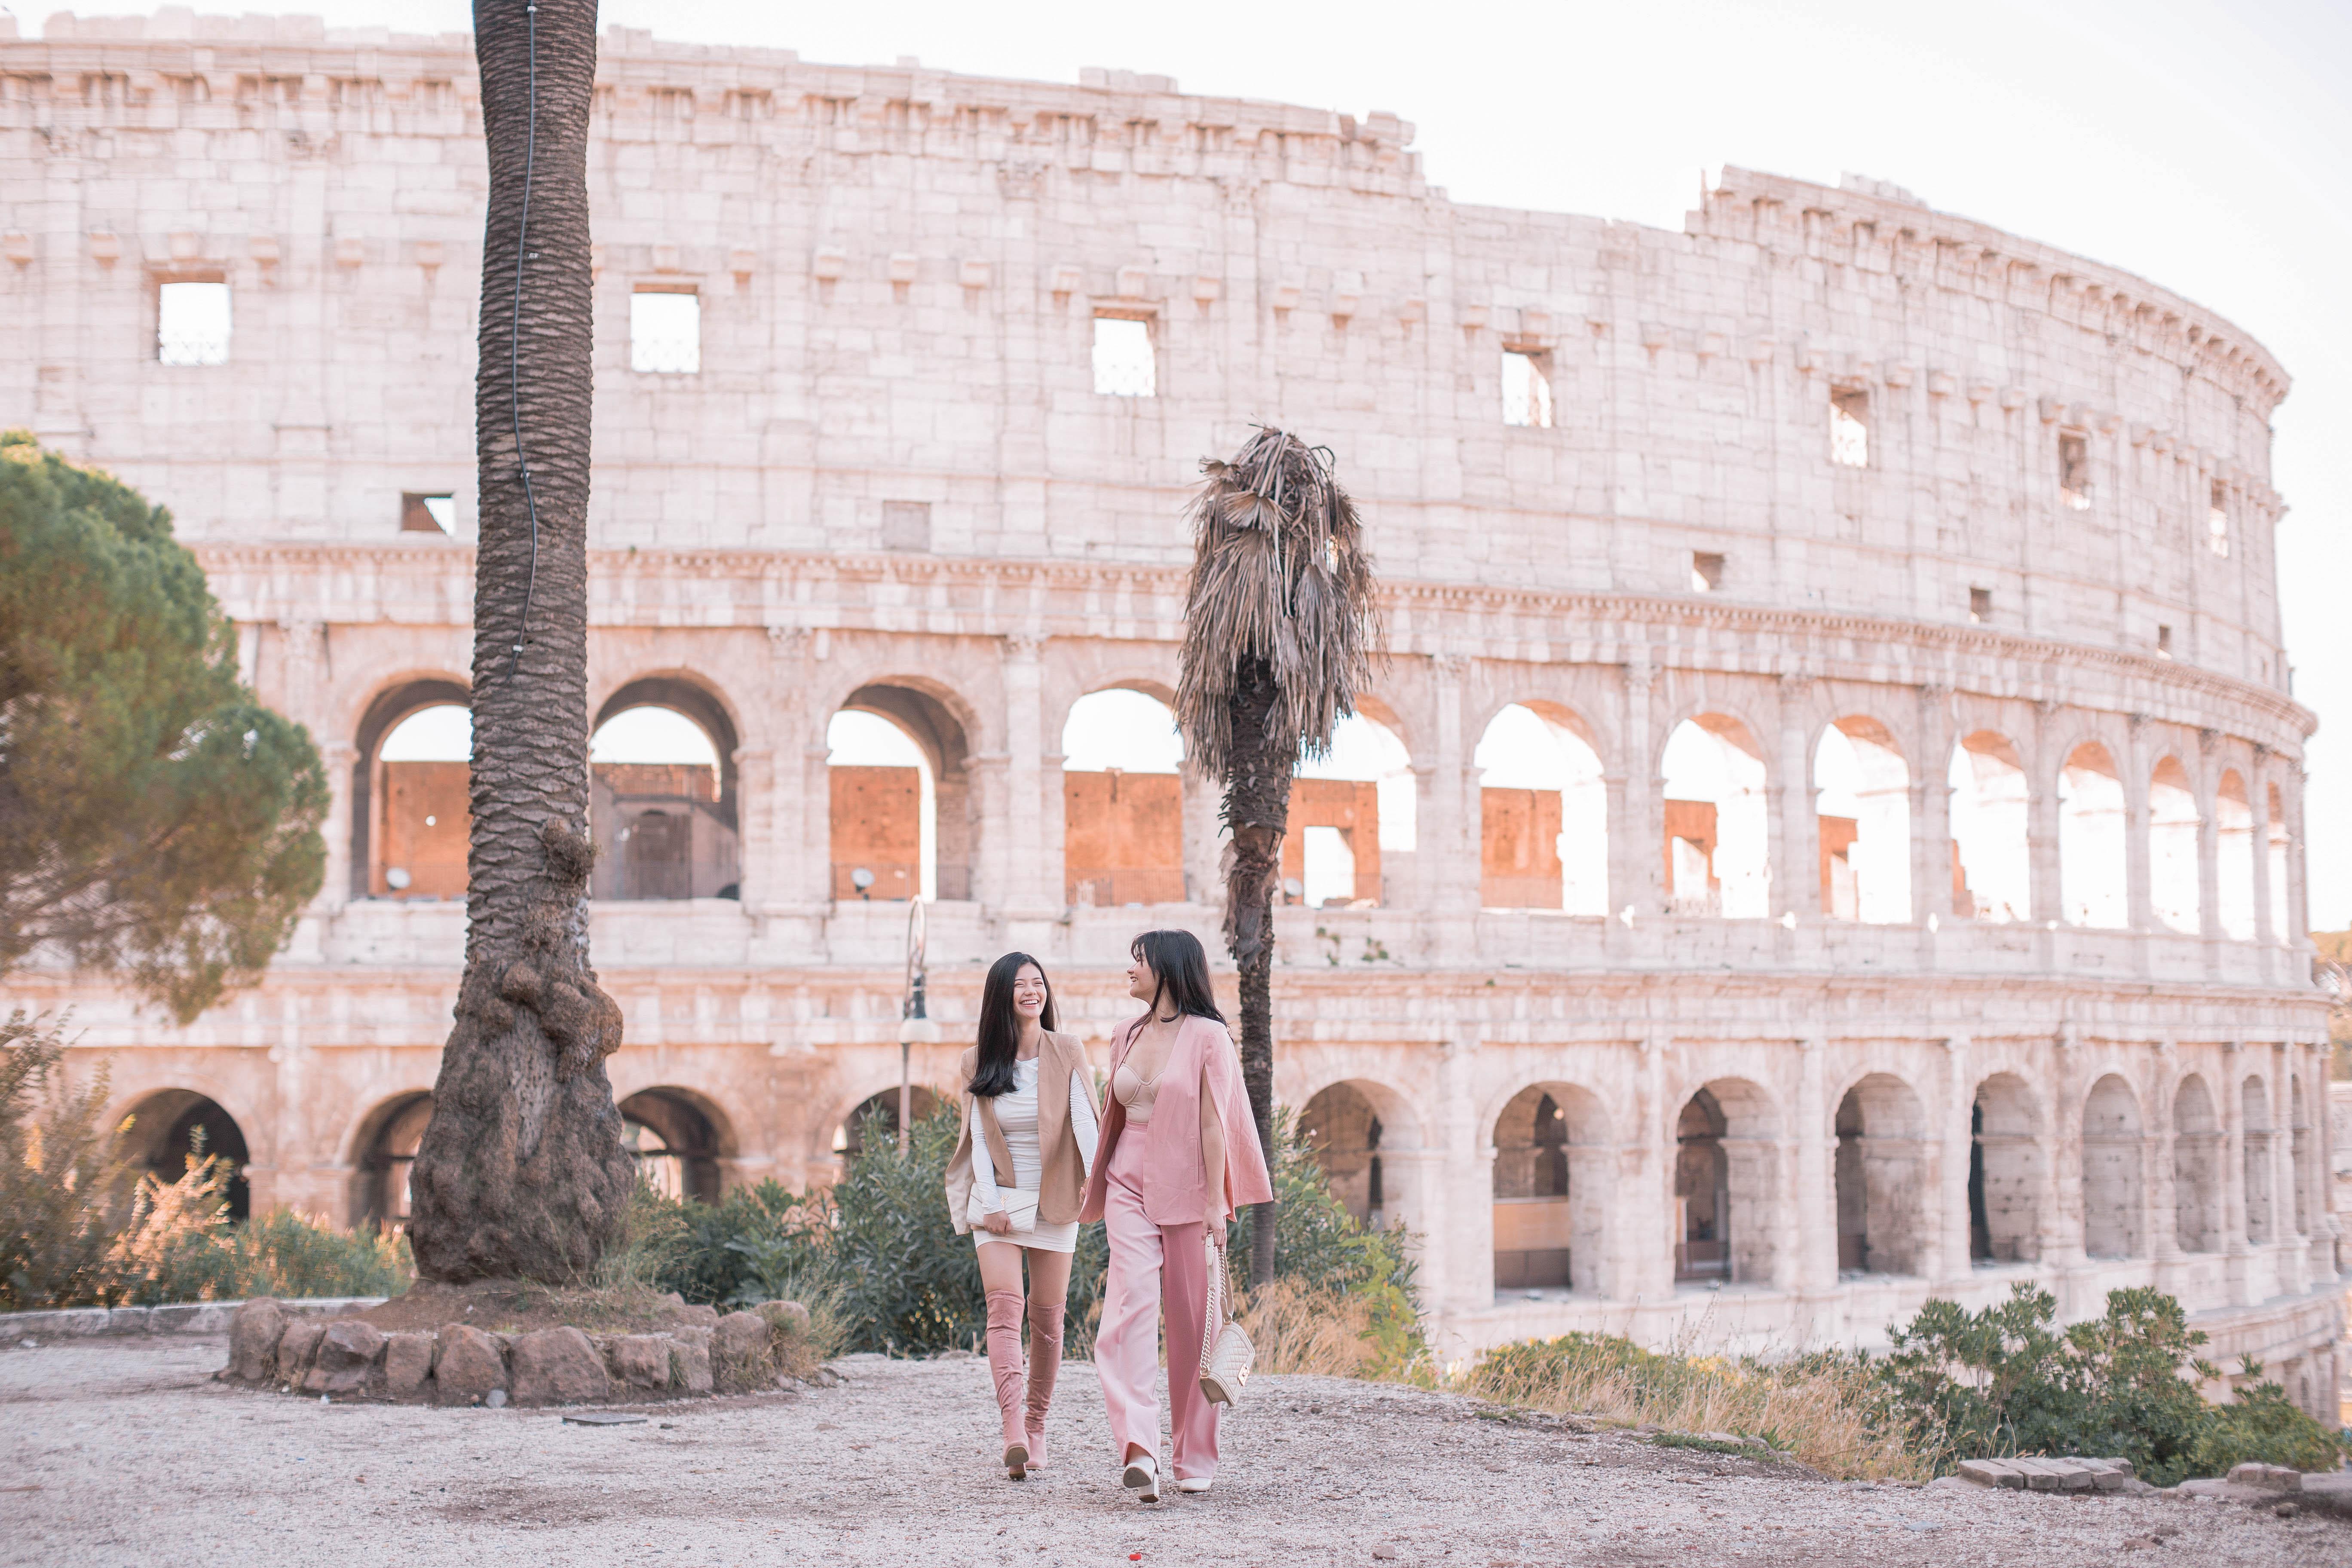 vernica_enciso-rome-s1_20